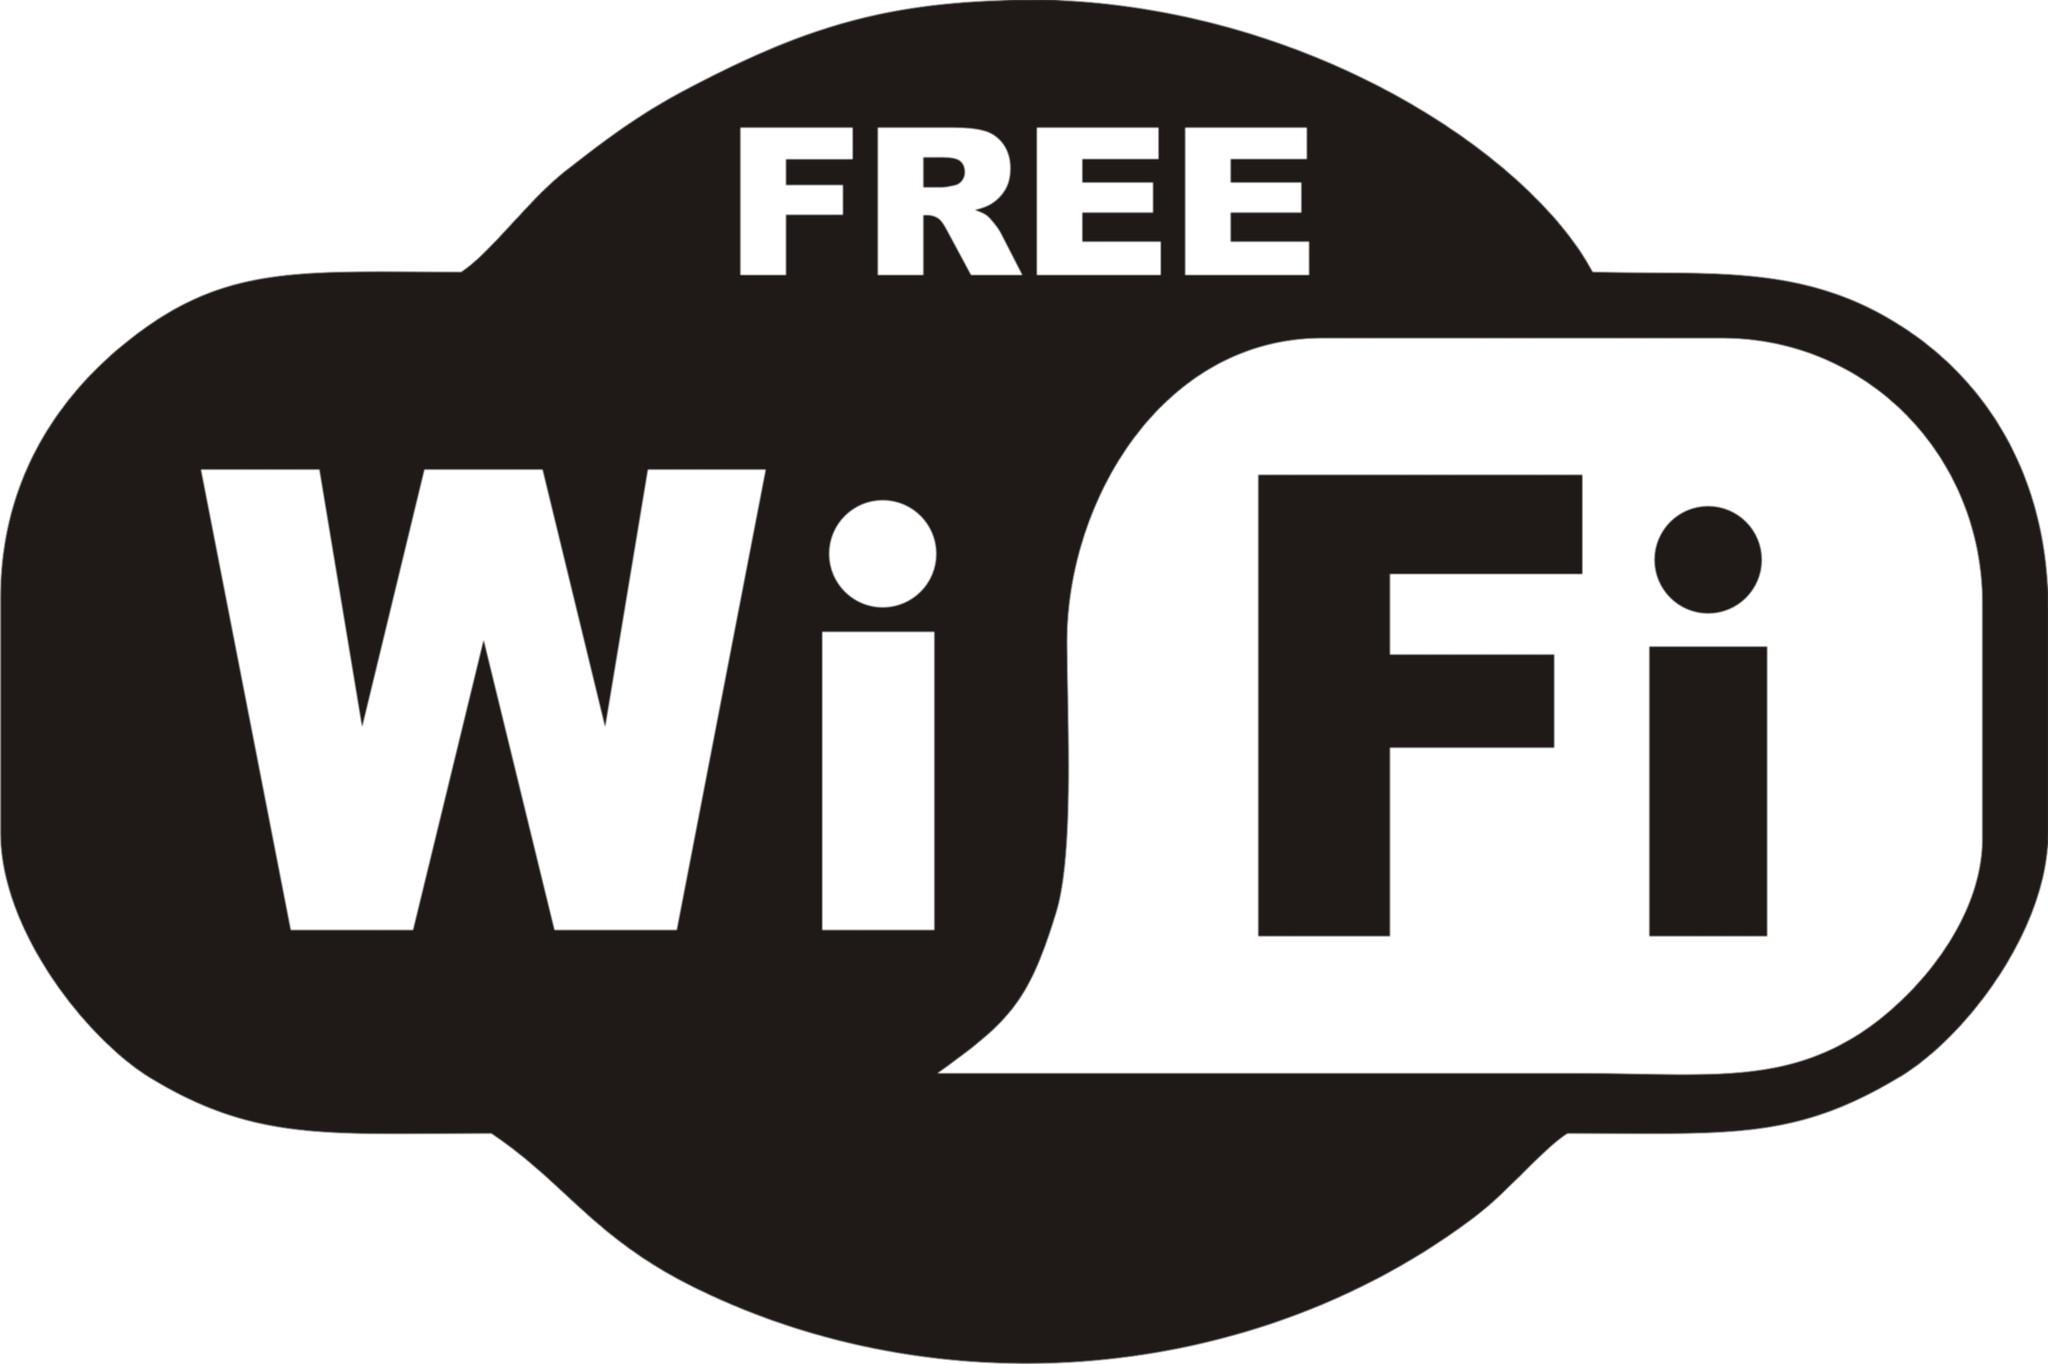 comment se connecter a free wifi secure sur pc. Black Bedroom Furniture Sets. Home Design Ideas